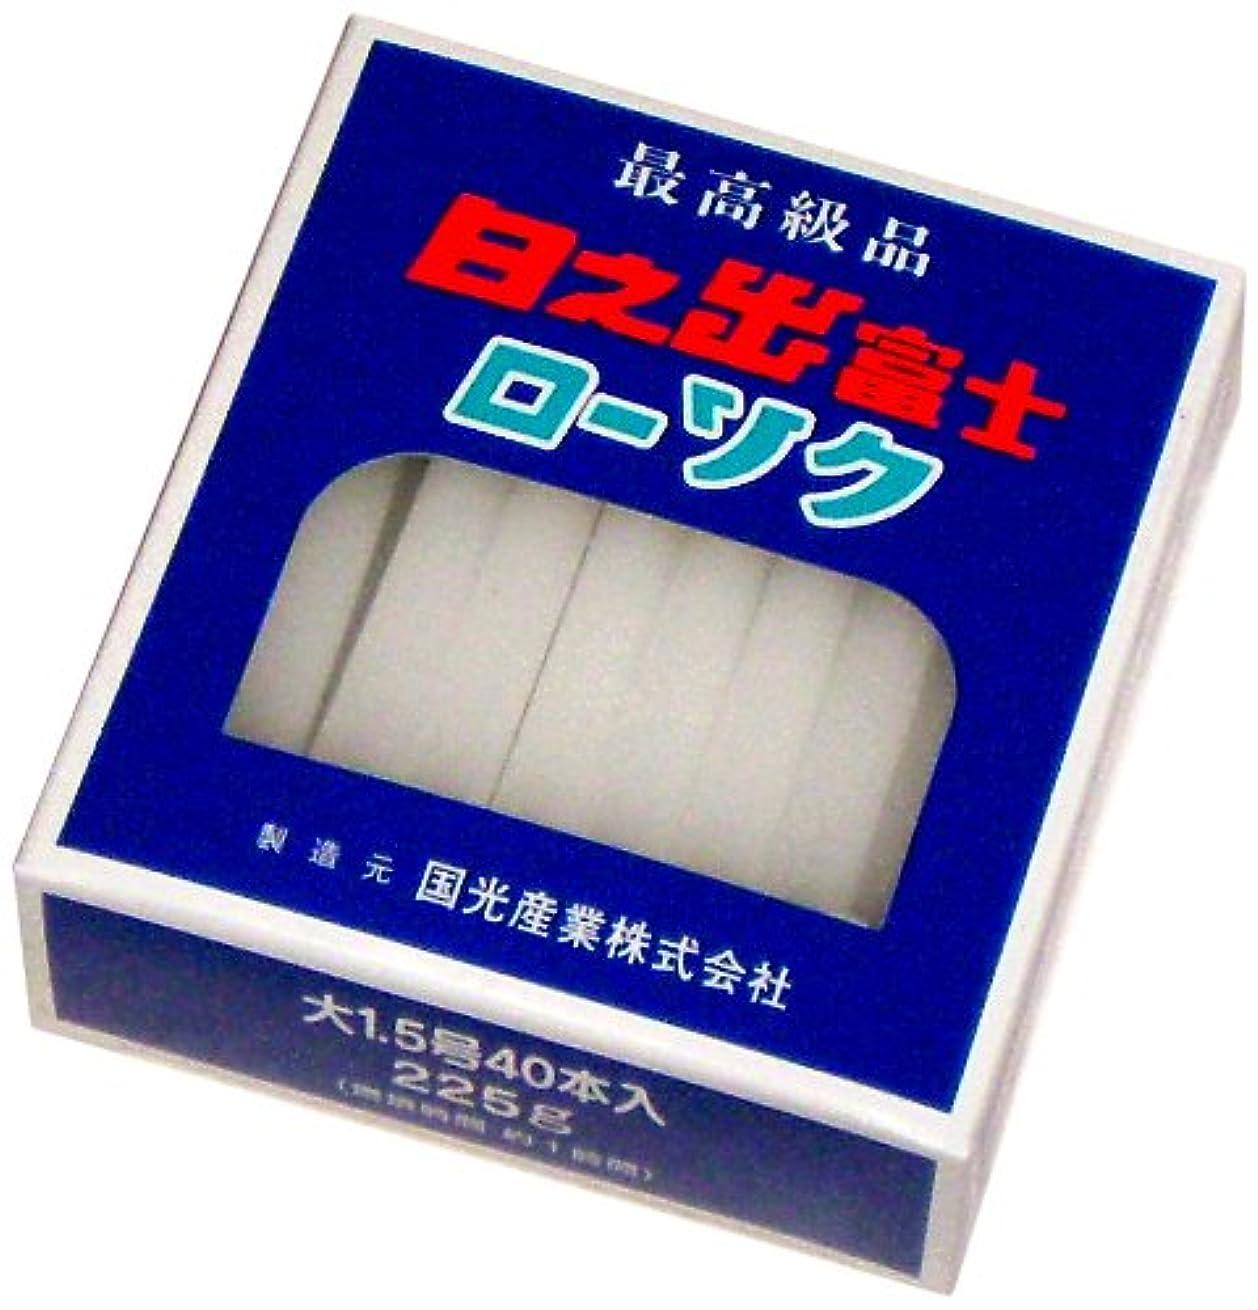 お酢副産物予想外国光産業の日之出富士ローソク 1.5号40本入 225g